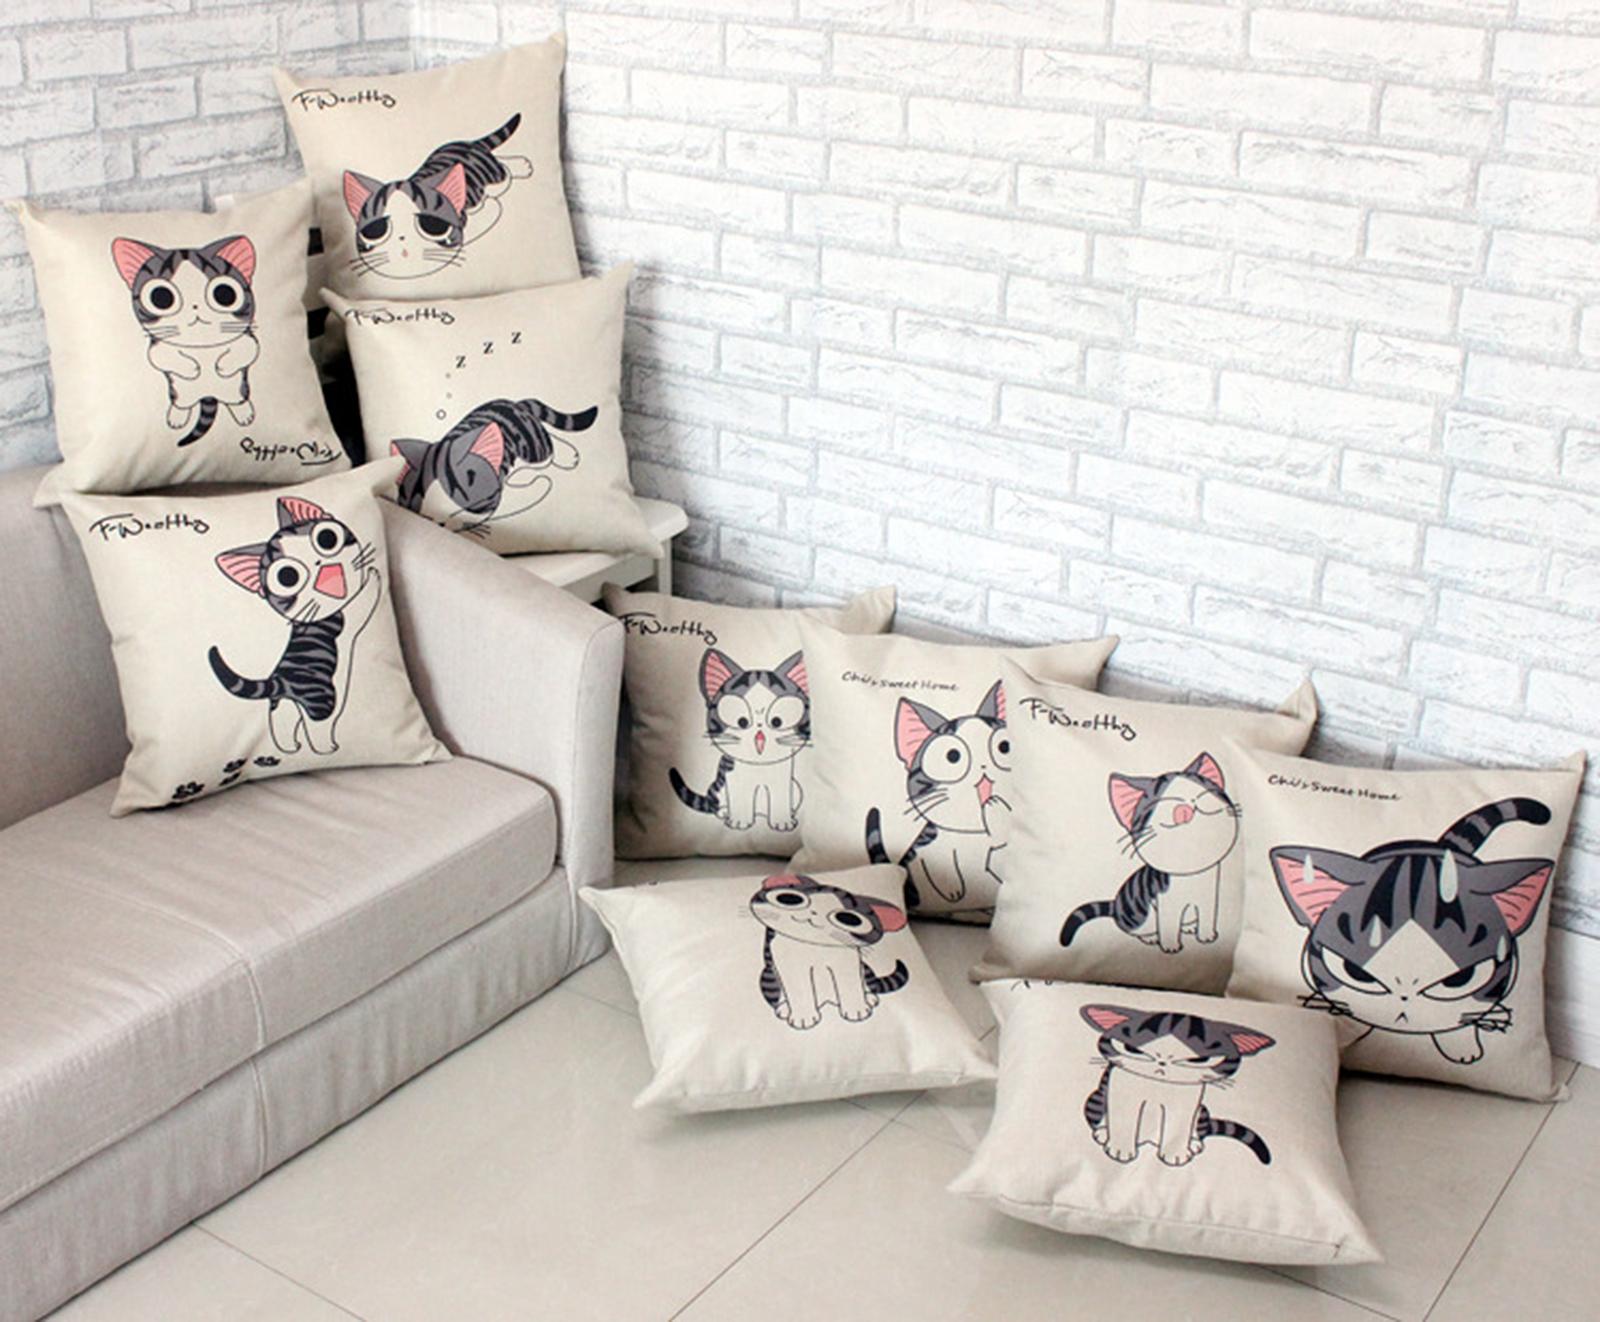 รวมรูปหมอนอิง Collection ทาสแมว 1